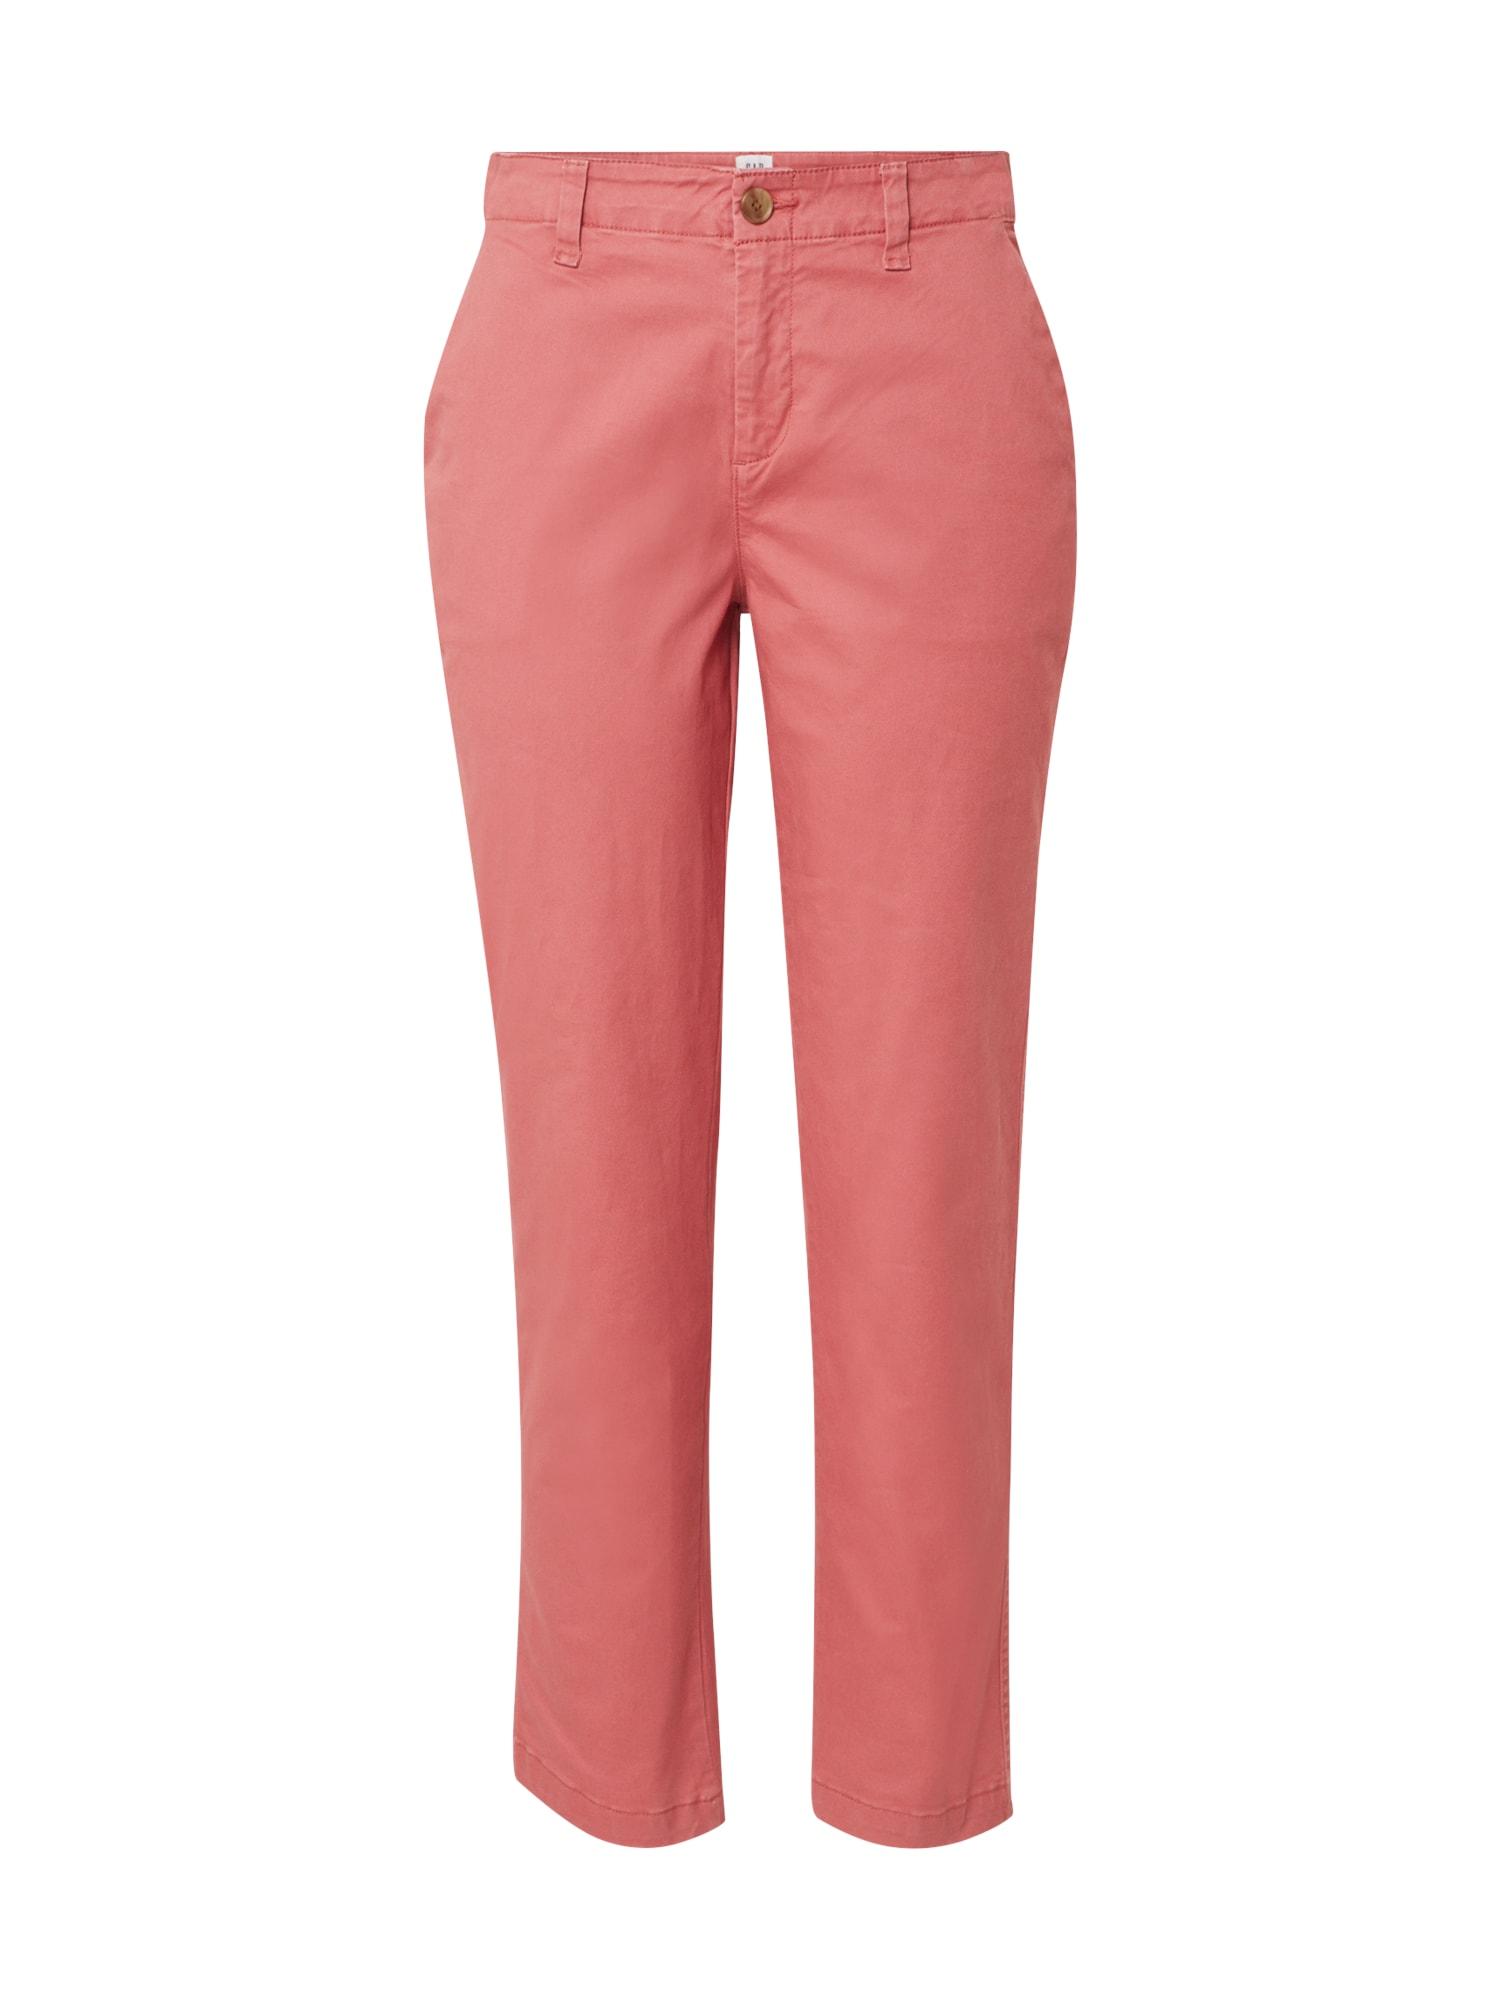 GAP Chino stiliaus kelnės 'GIRLFRIEND' rožinė